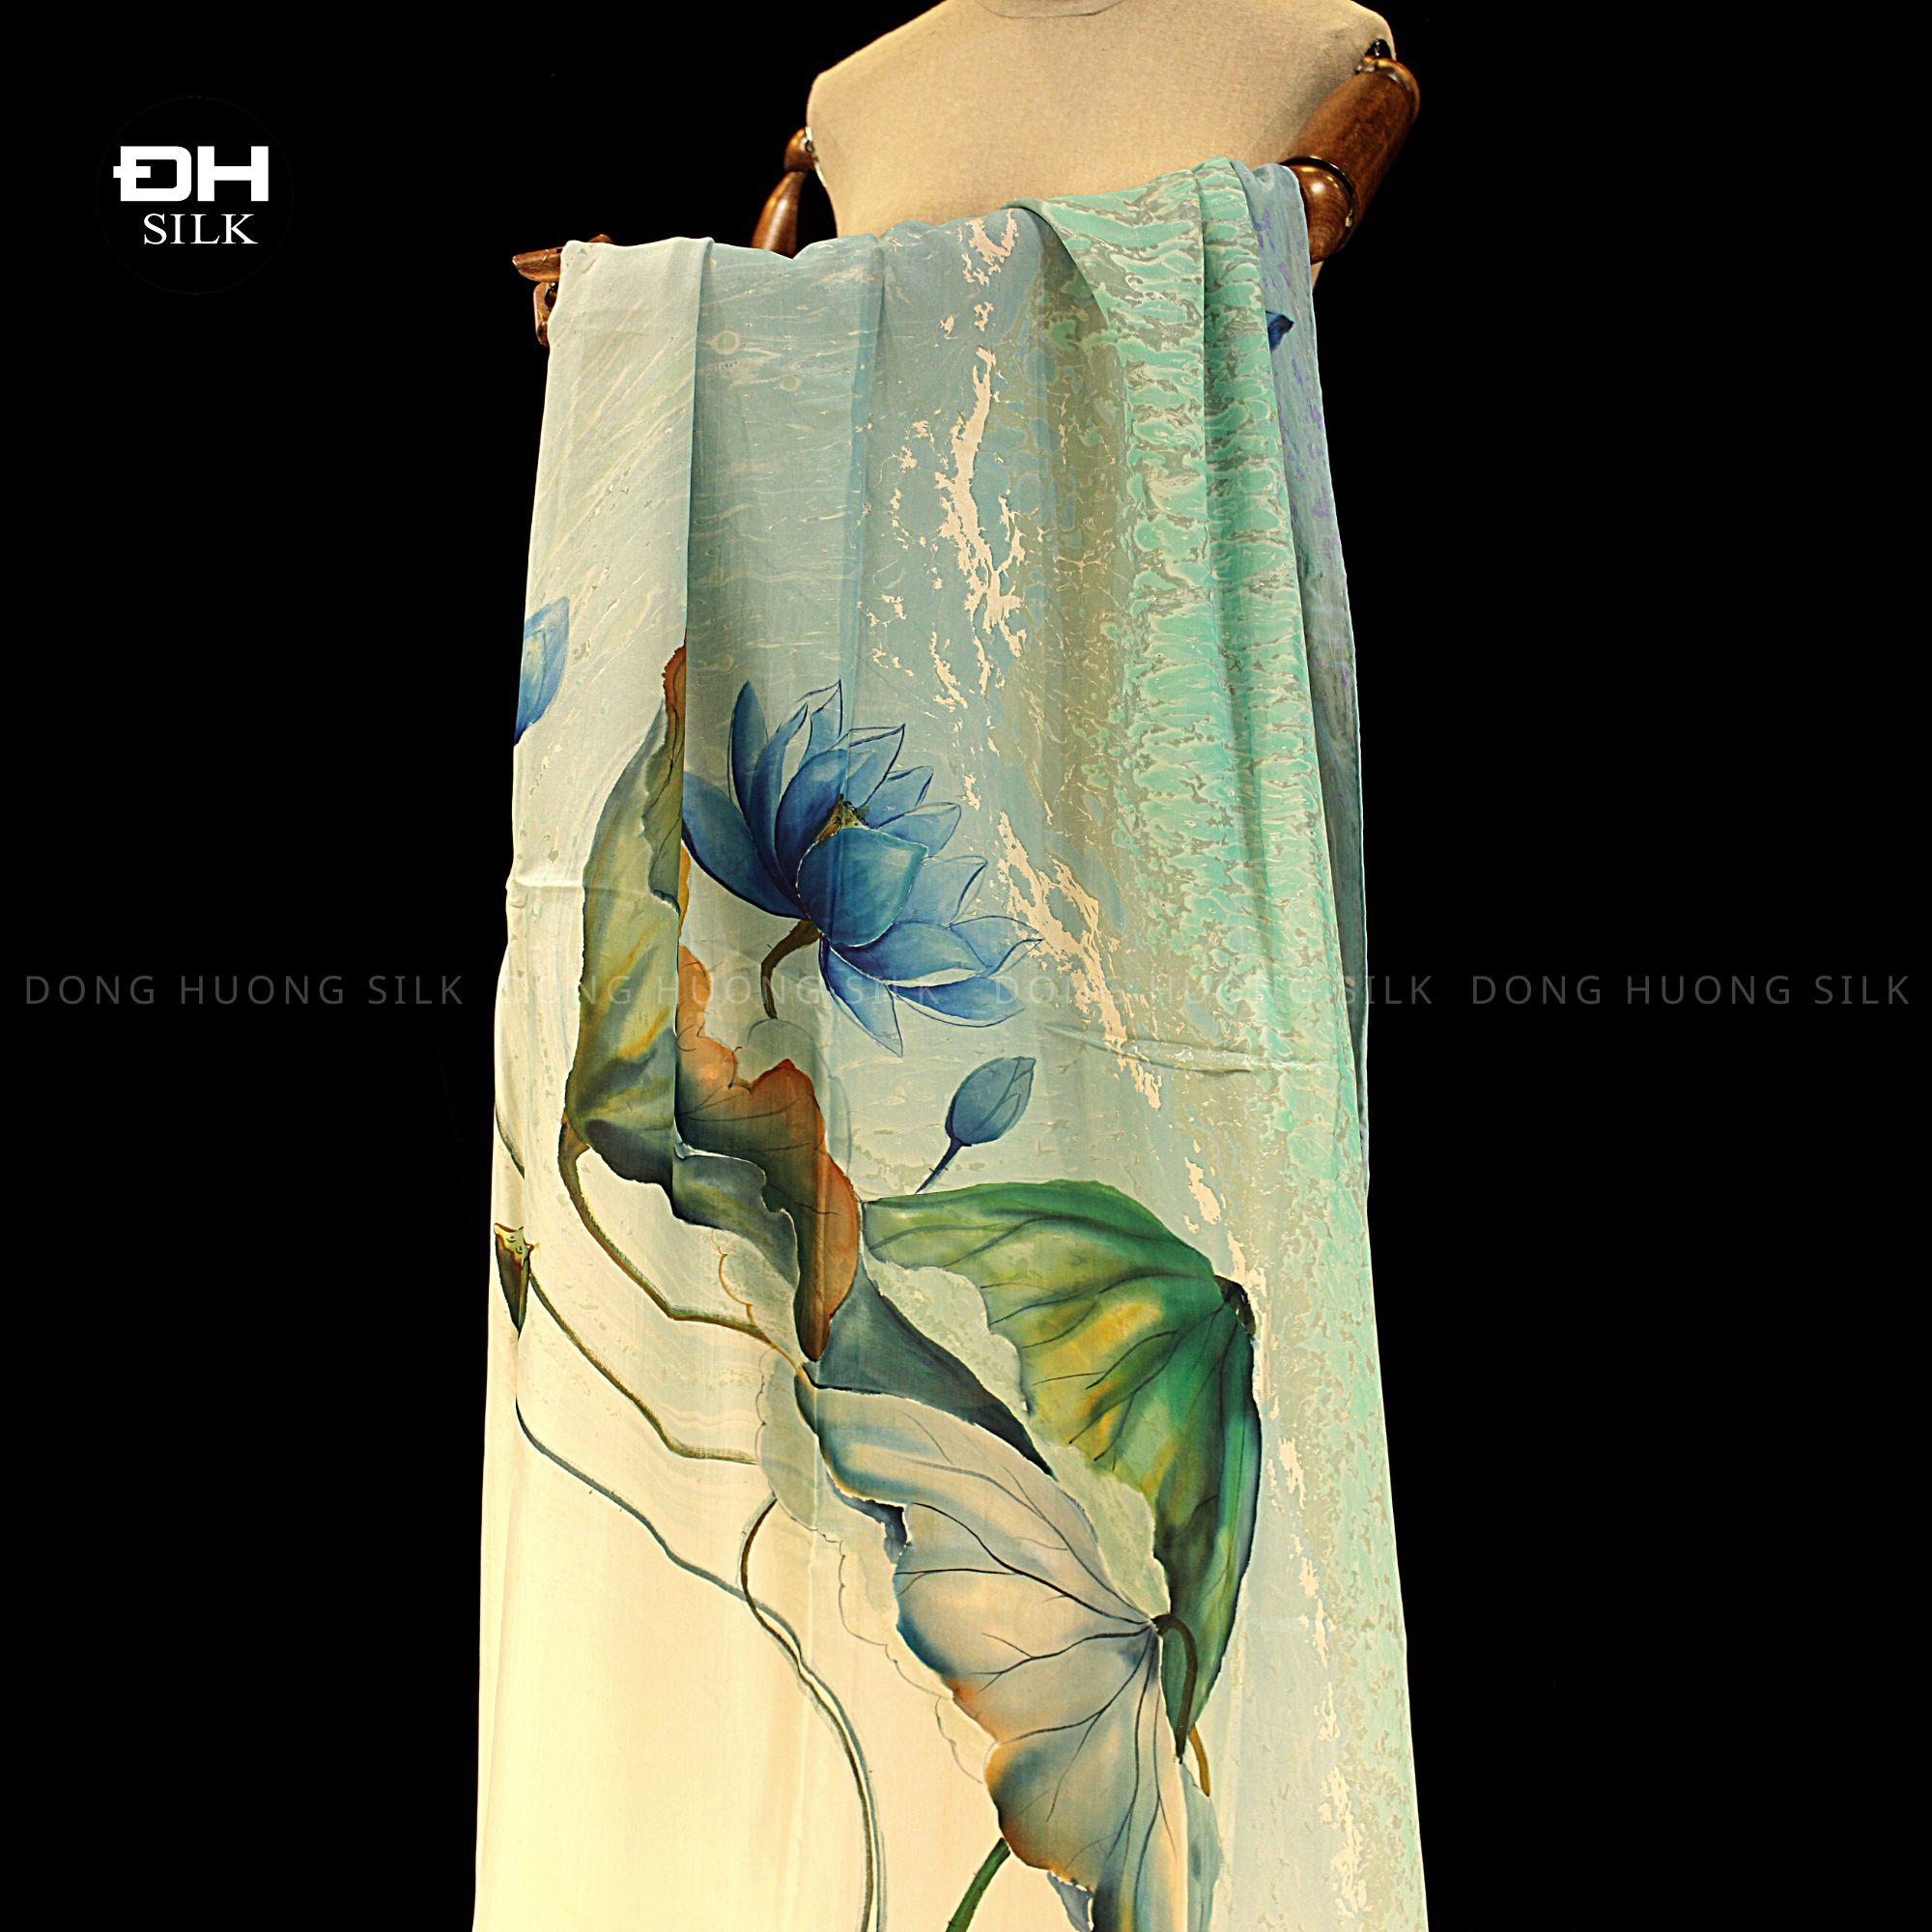 khan-lua-to-tam-ve-tay-thuy-an-nghe-thuat-hoa-sen-nhu-y-Dong-Huong-Silk-1